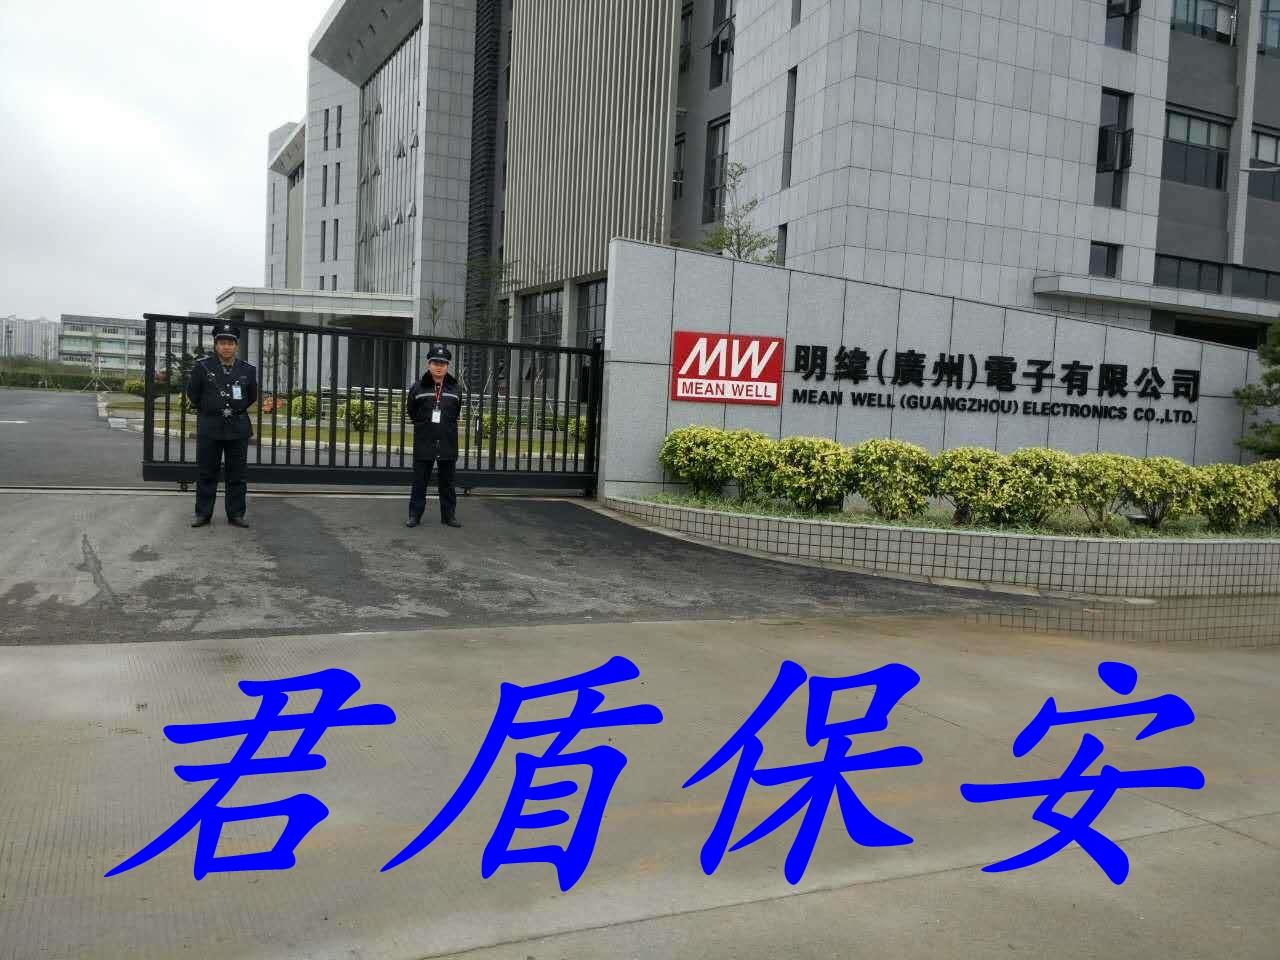 明纬(广州)电子有限公司